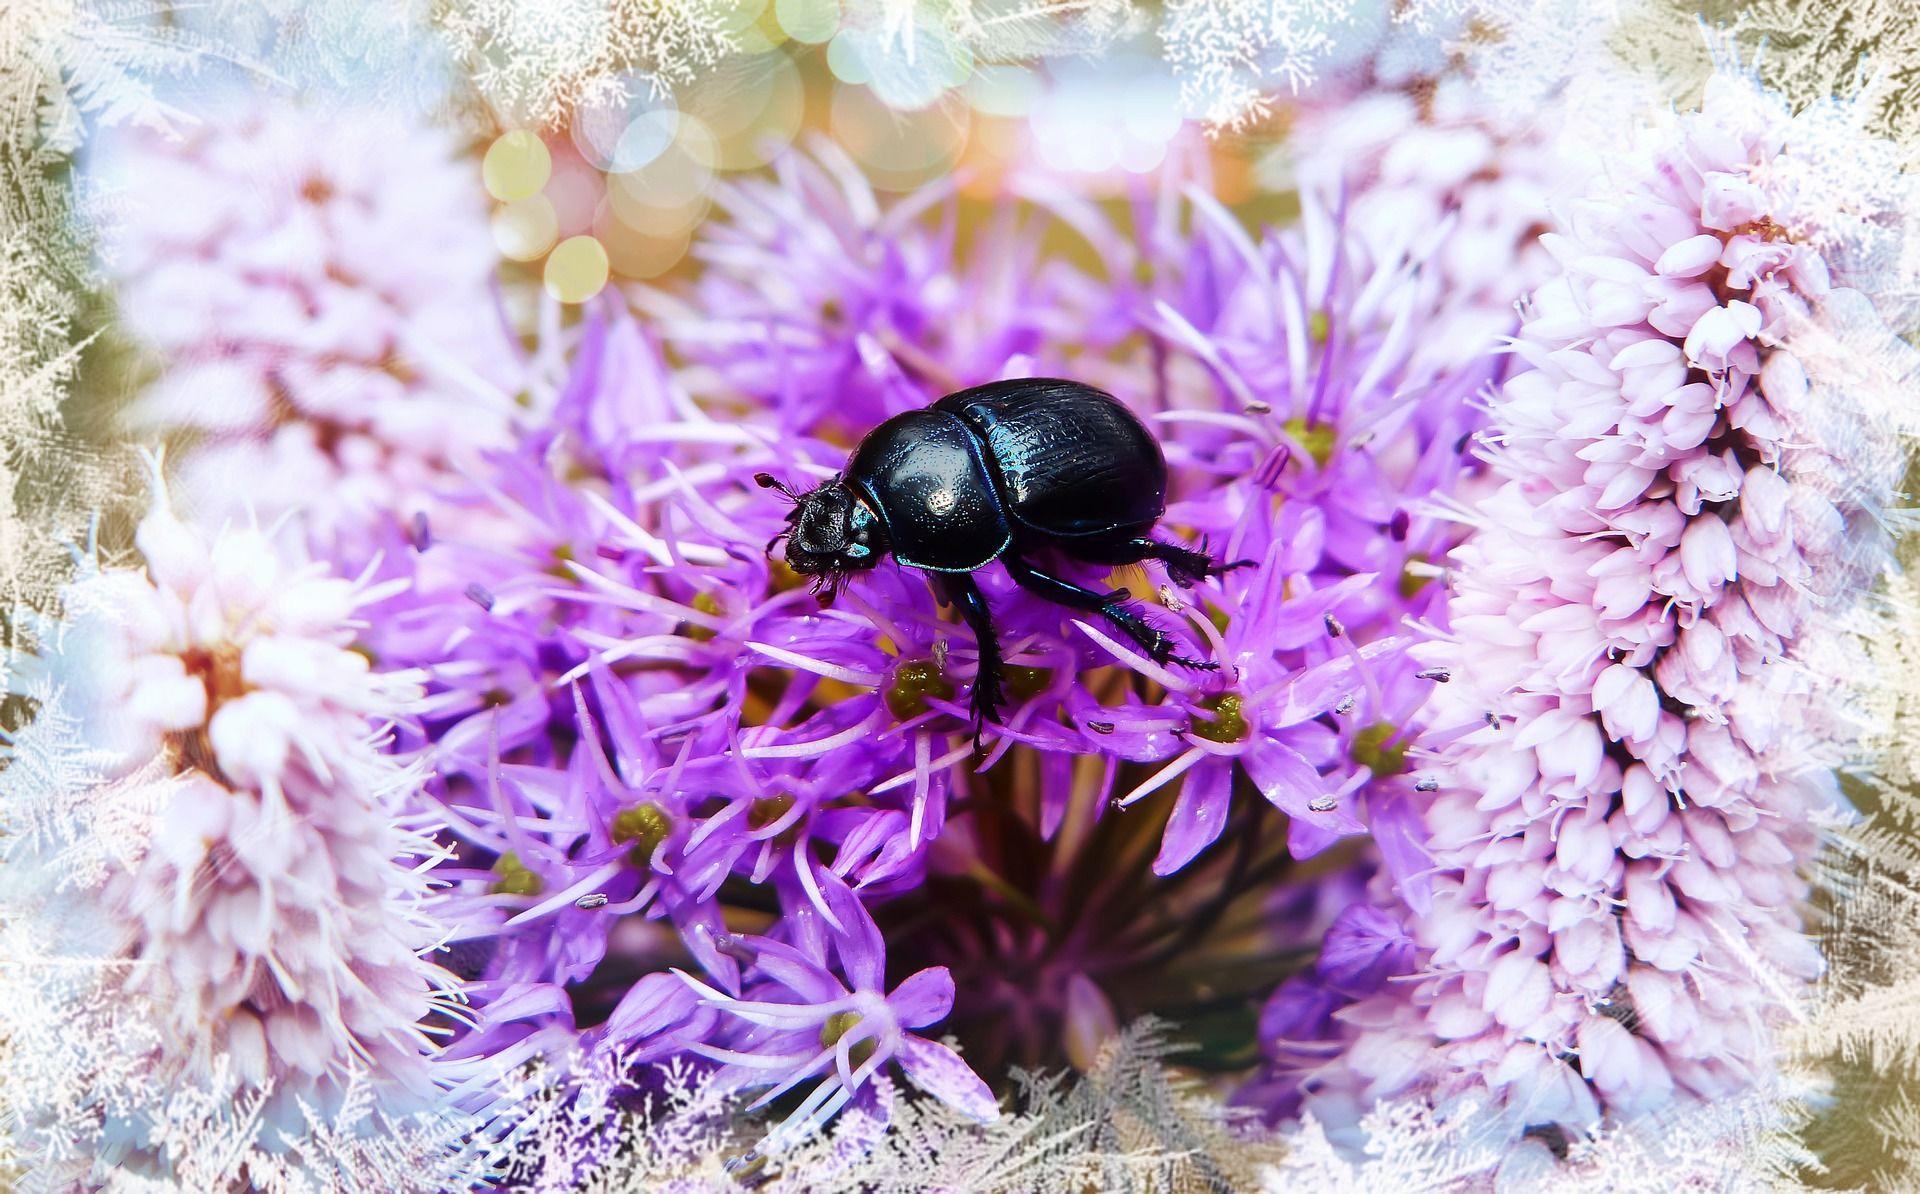 Смотреть лучшую картинку жучка на цветке